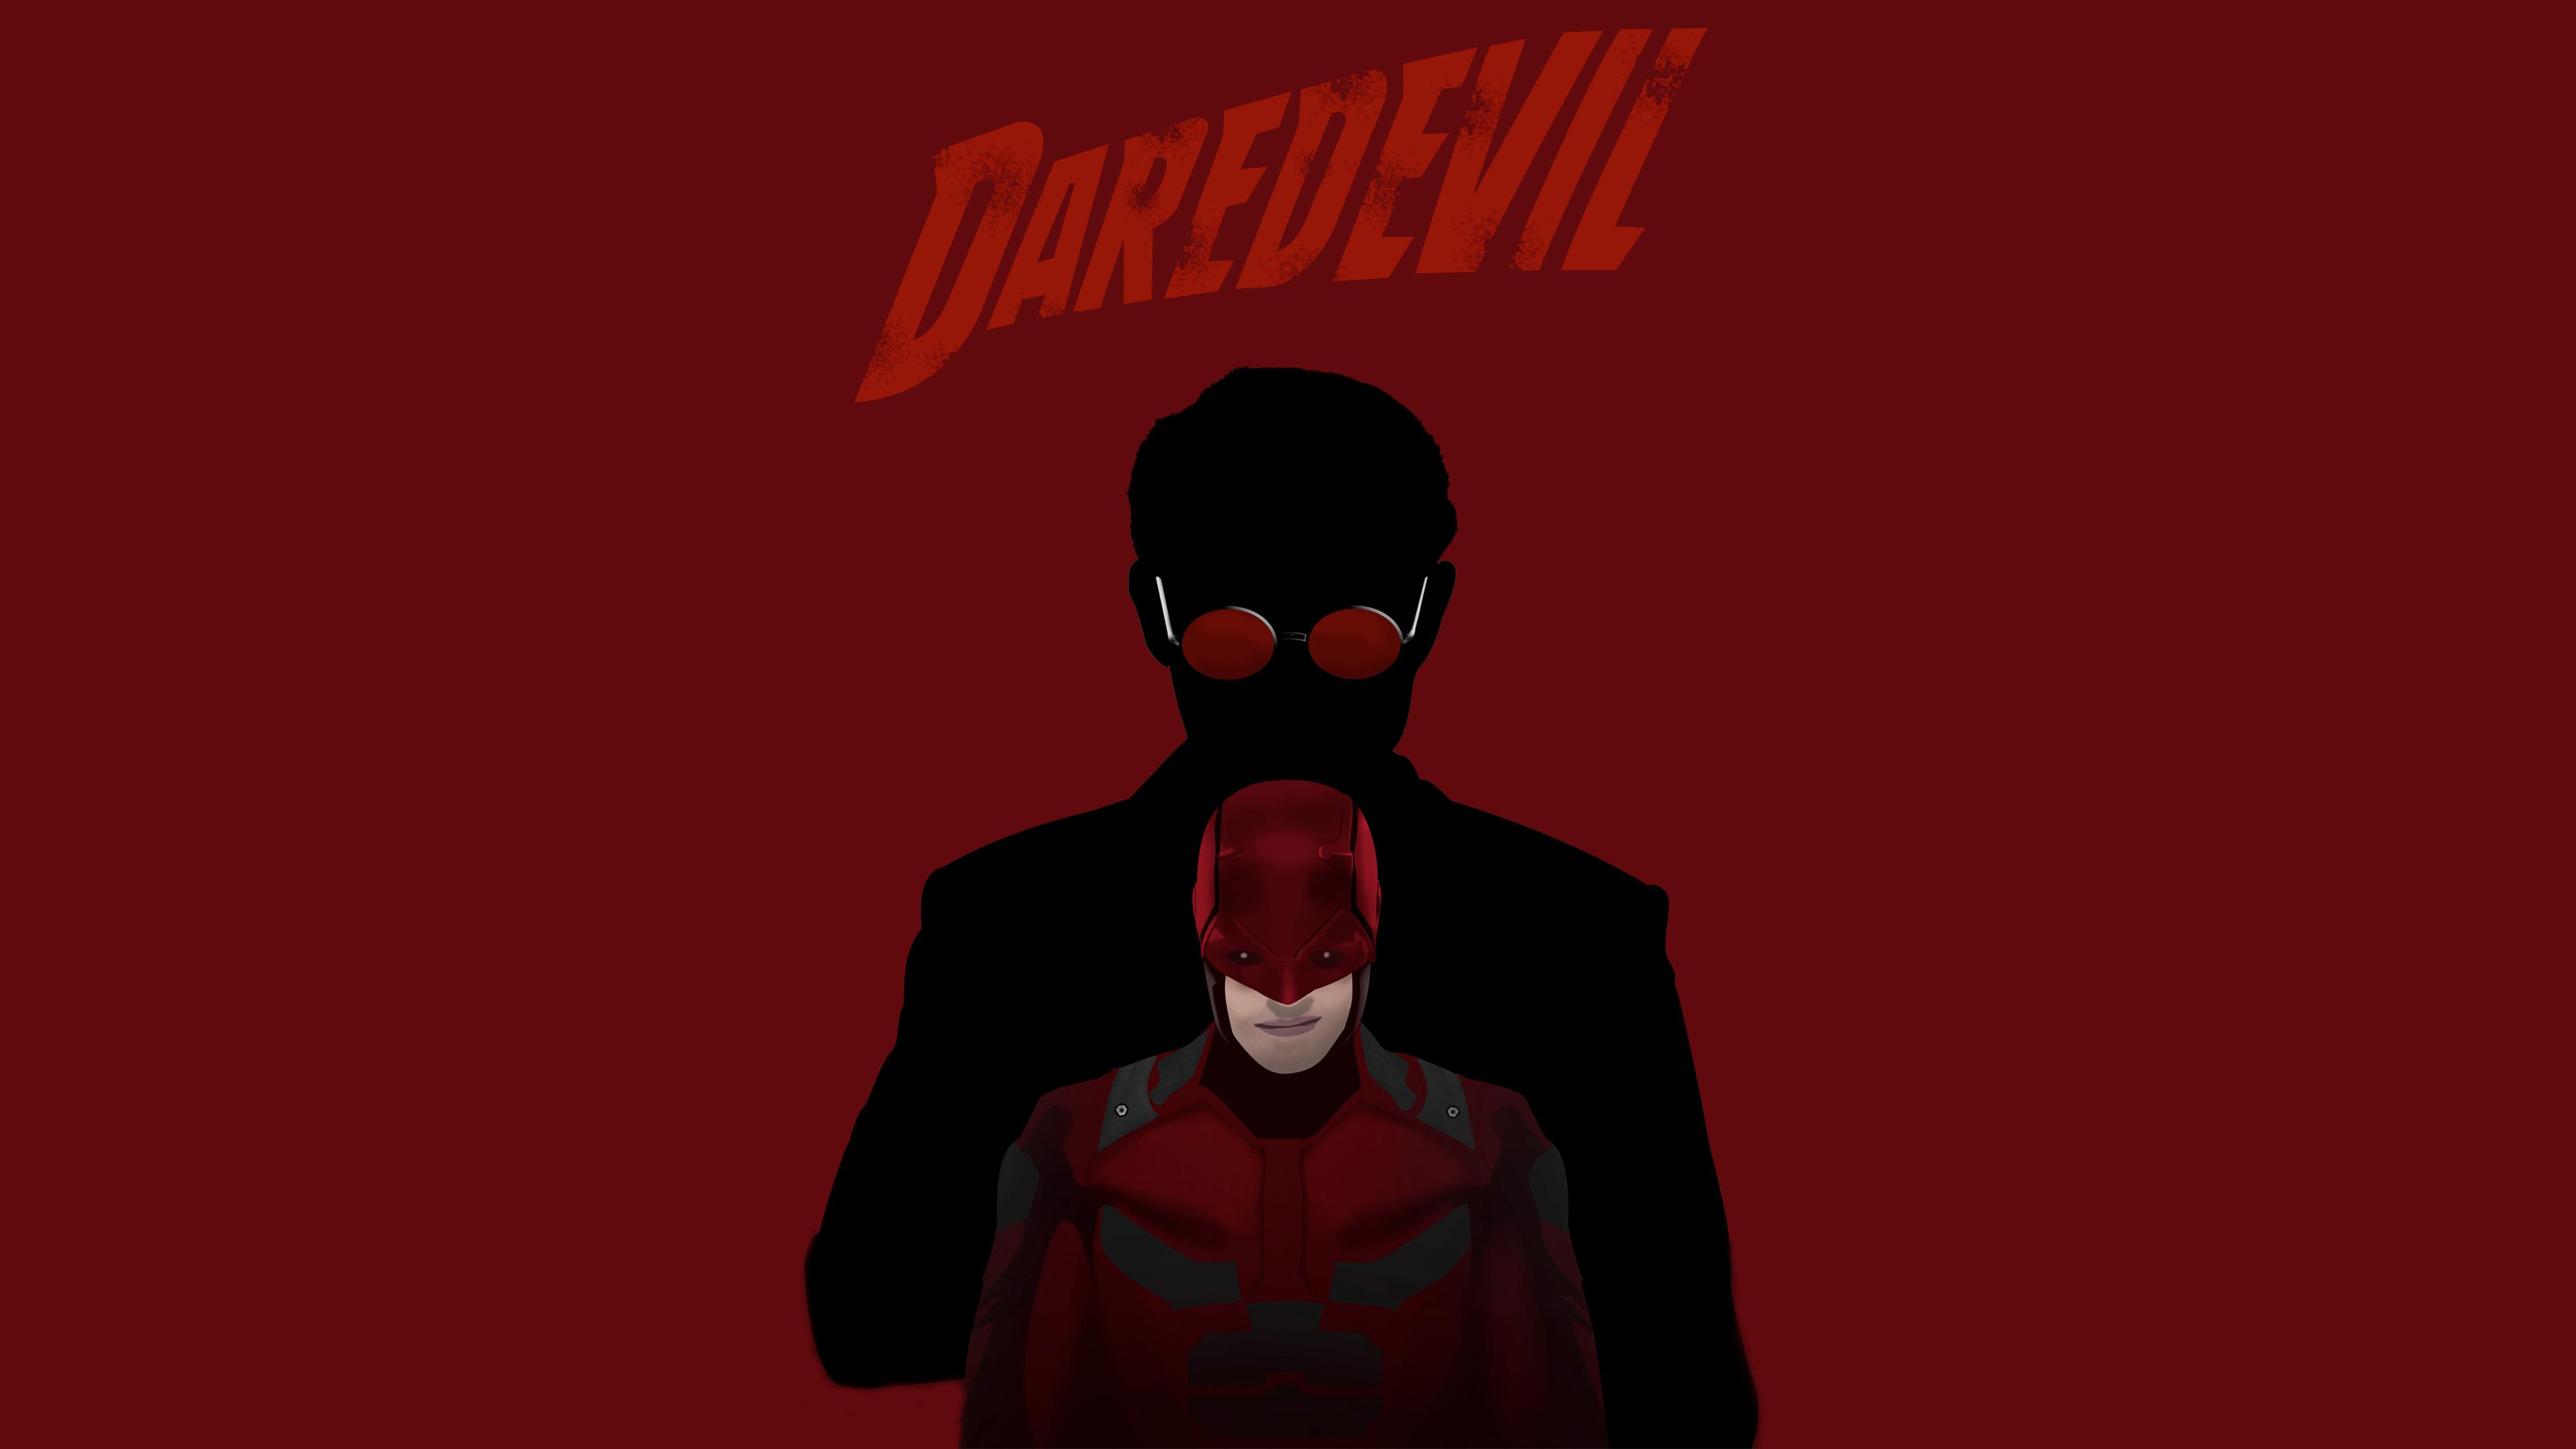 daredevil new artwork 4k 1553071698 - Daredevil New Artwork 4k - superheroes wallpapers, hd-wallpapers, daredevil wallpapers, behance wallpapers, artwork wallpapers, 4k-wallpapers